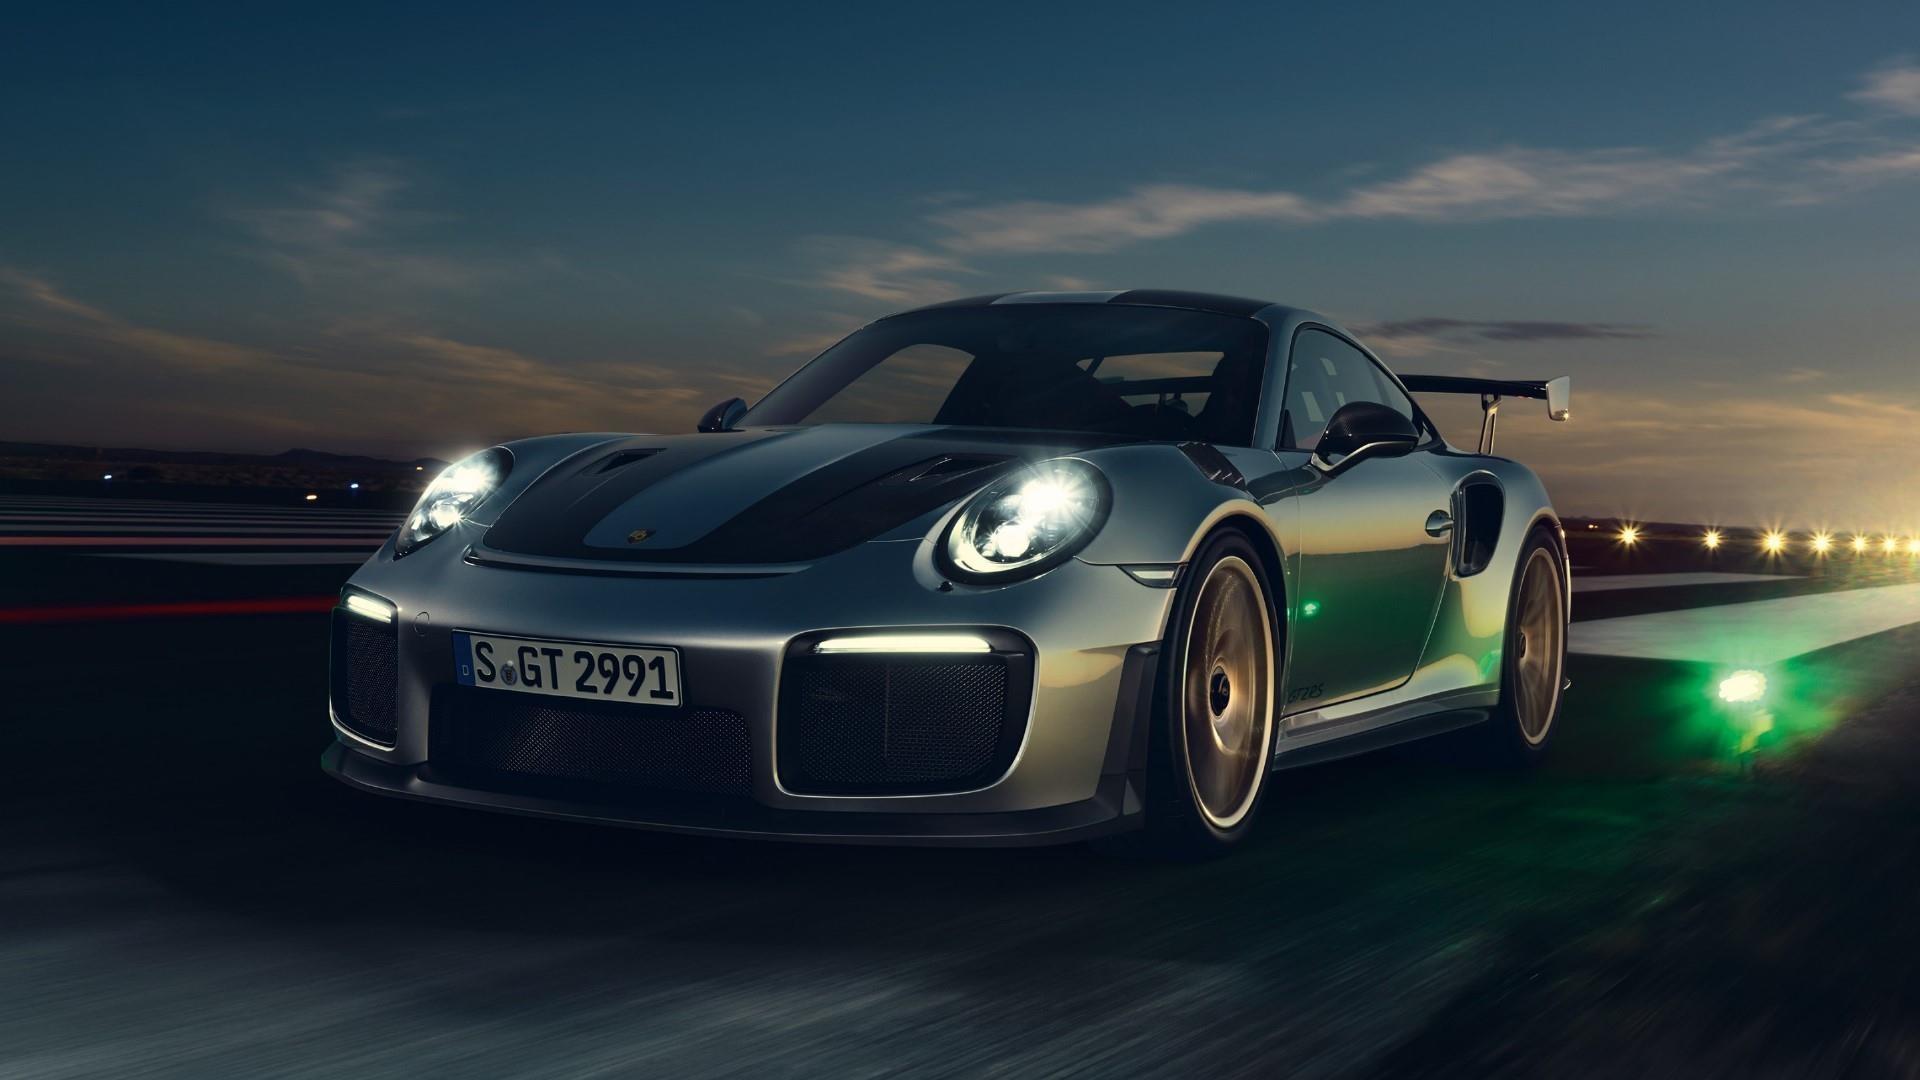 69 Porsche Wallpapers on WallpaperPlay 1920x1080